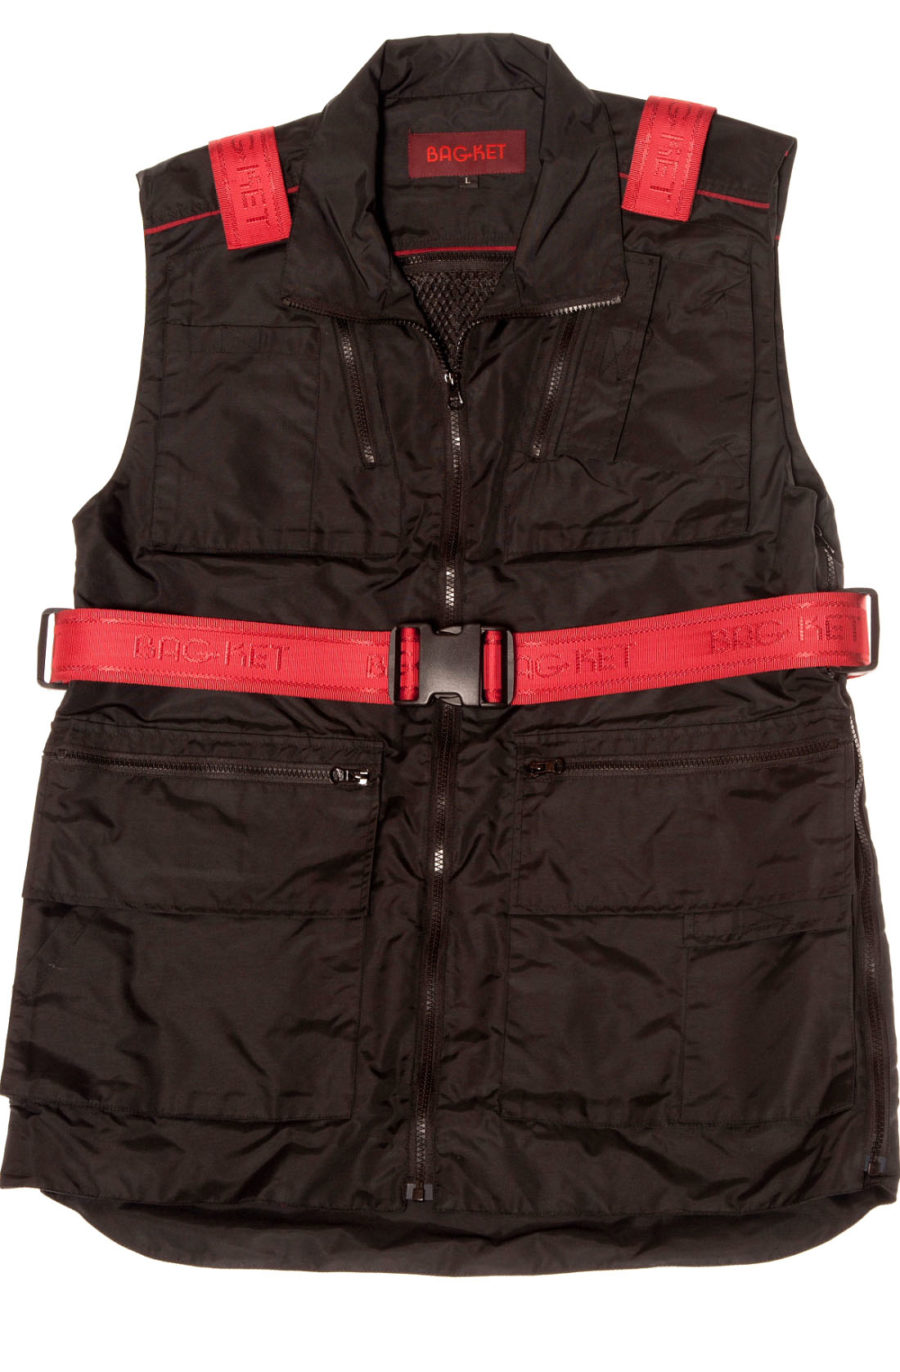 Hier brauch man noch nich einmal Handgepäck / Bild: Bagket - Bagket Limited